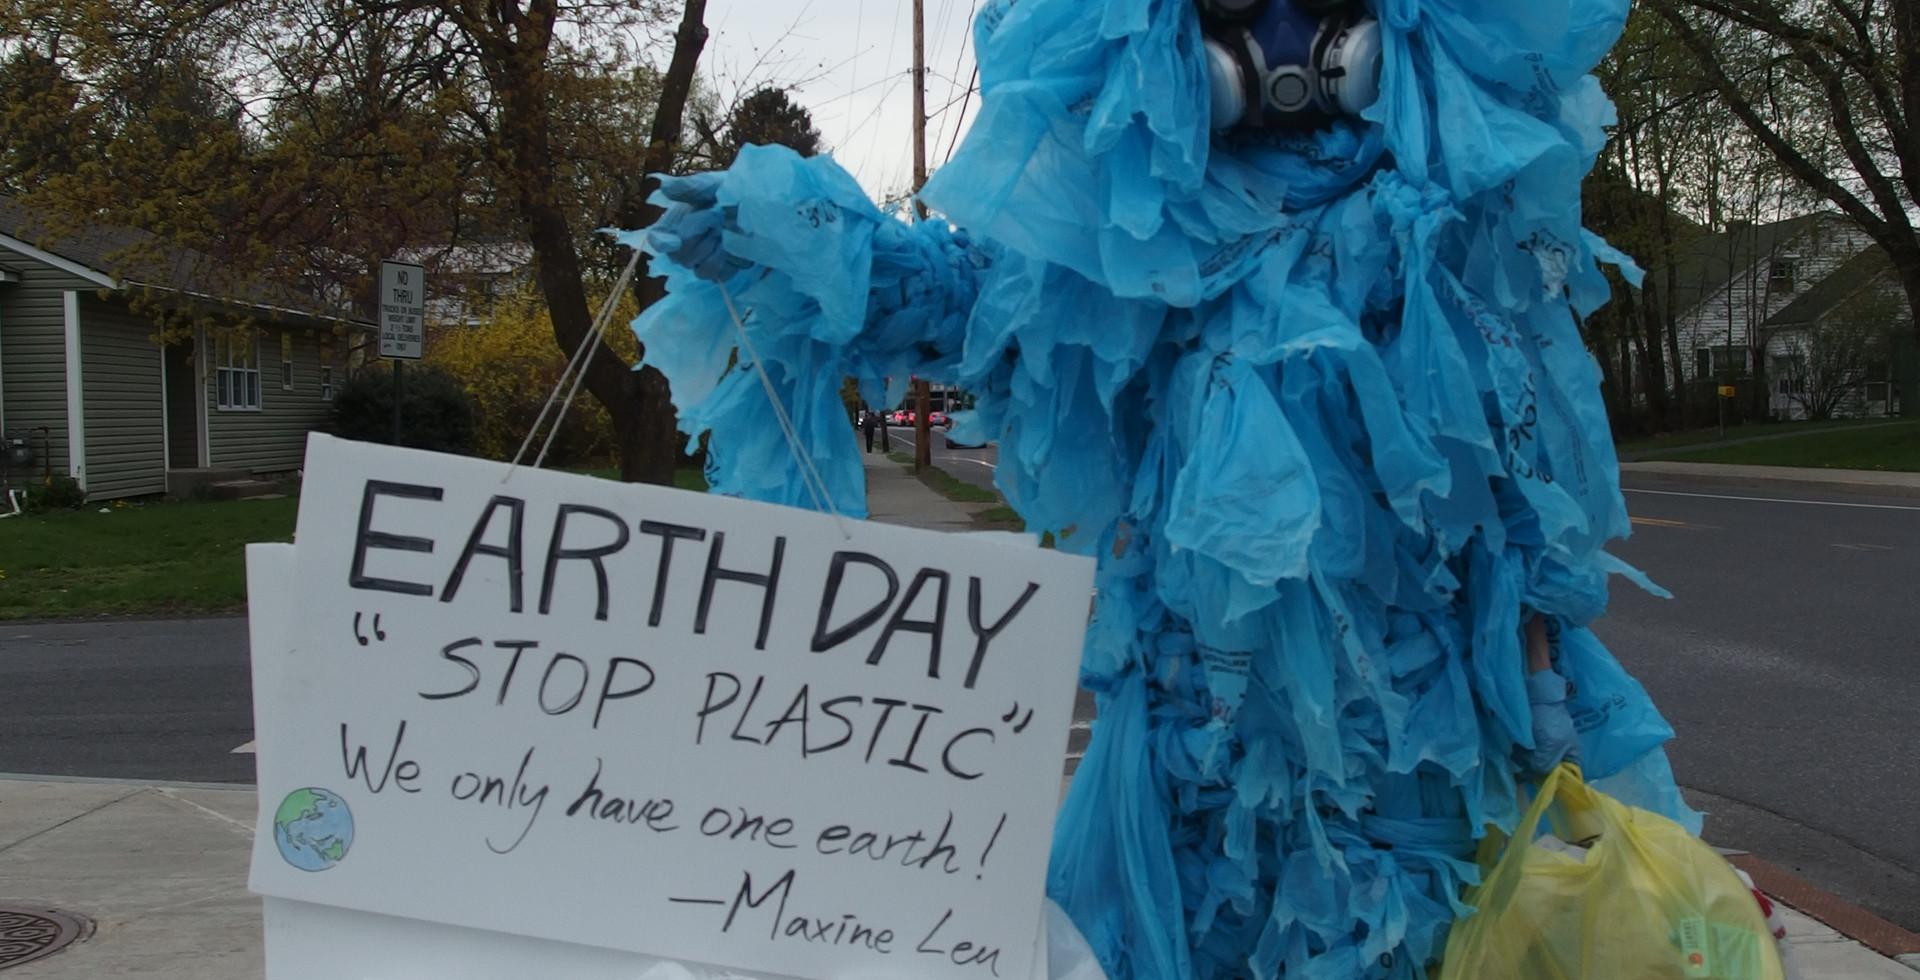 Earth Day Act_Leu